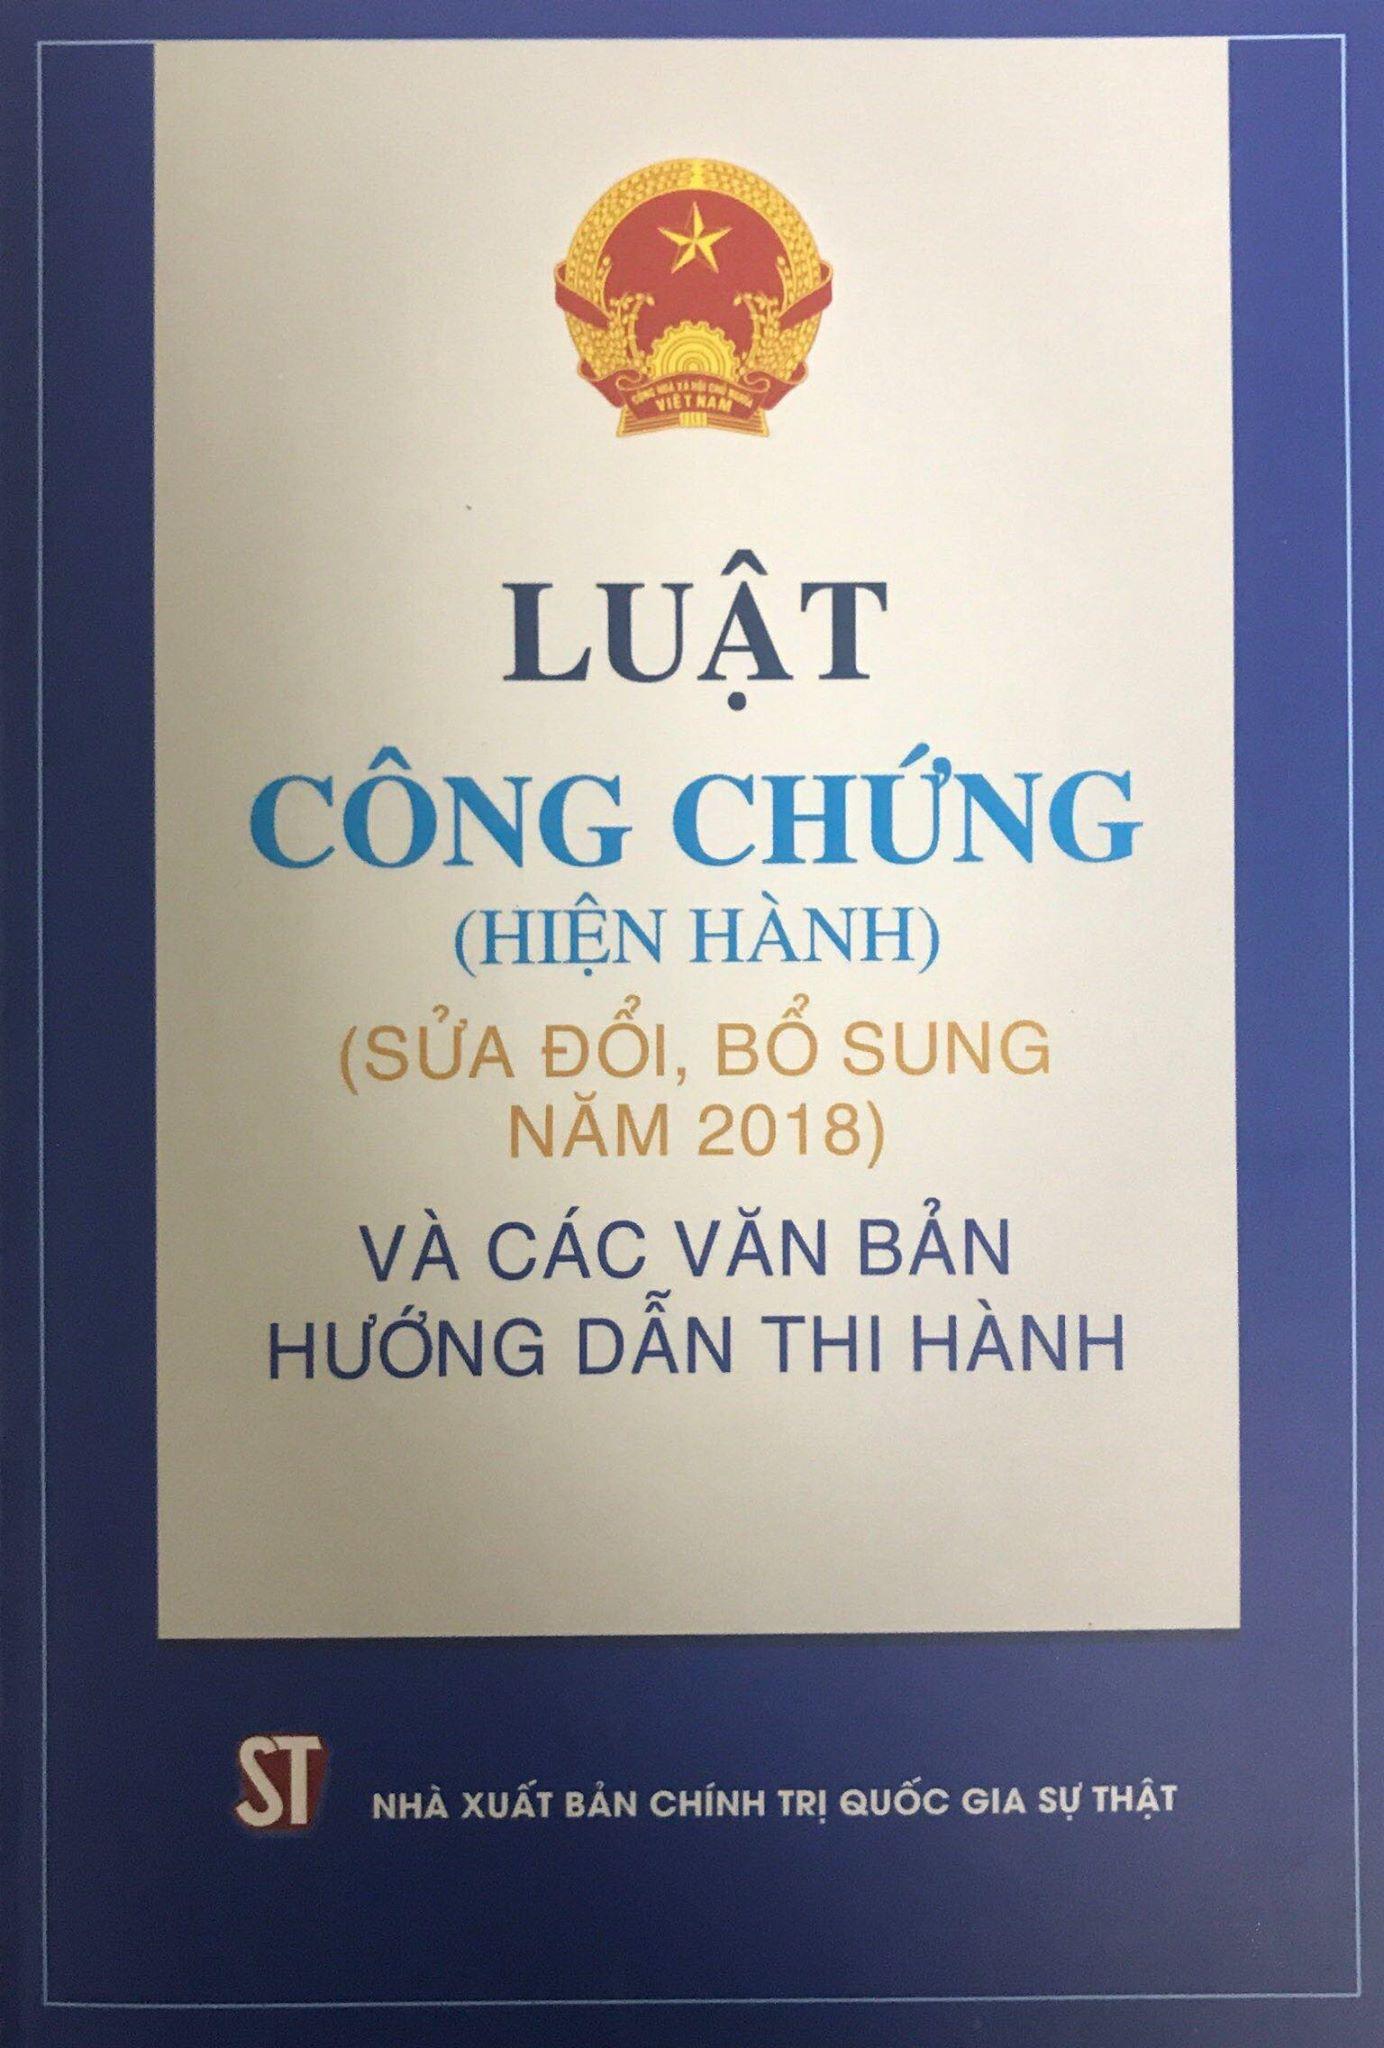 Luật Công chứng hiện hành (sửa đổi, bổ sung năm 2018) và các văn bản hướng dẫn thi hành